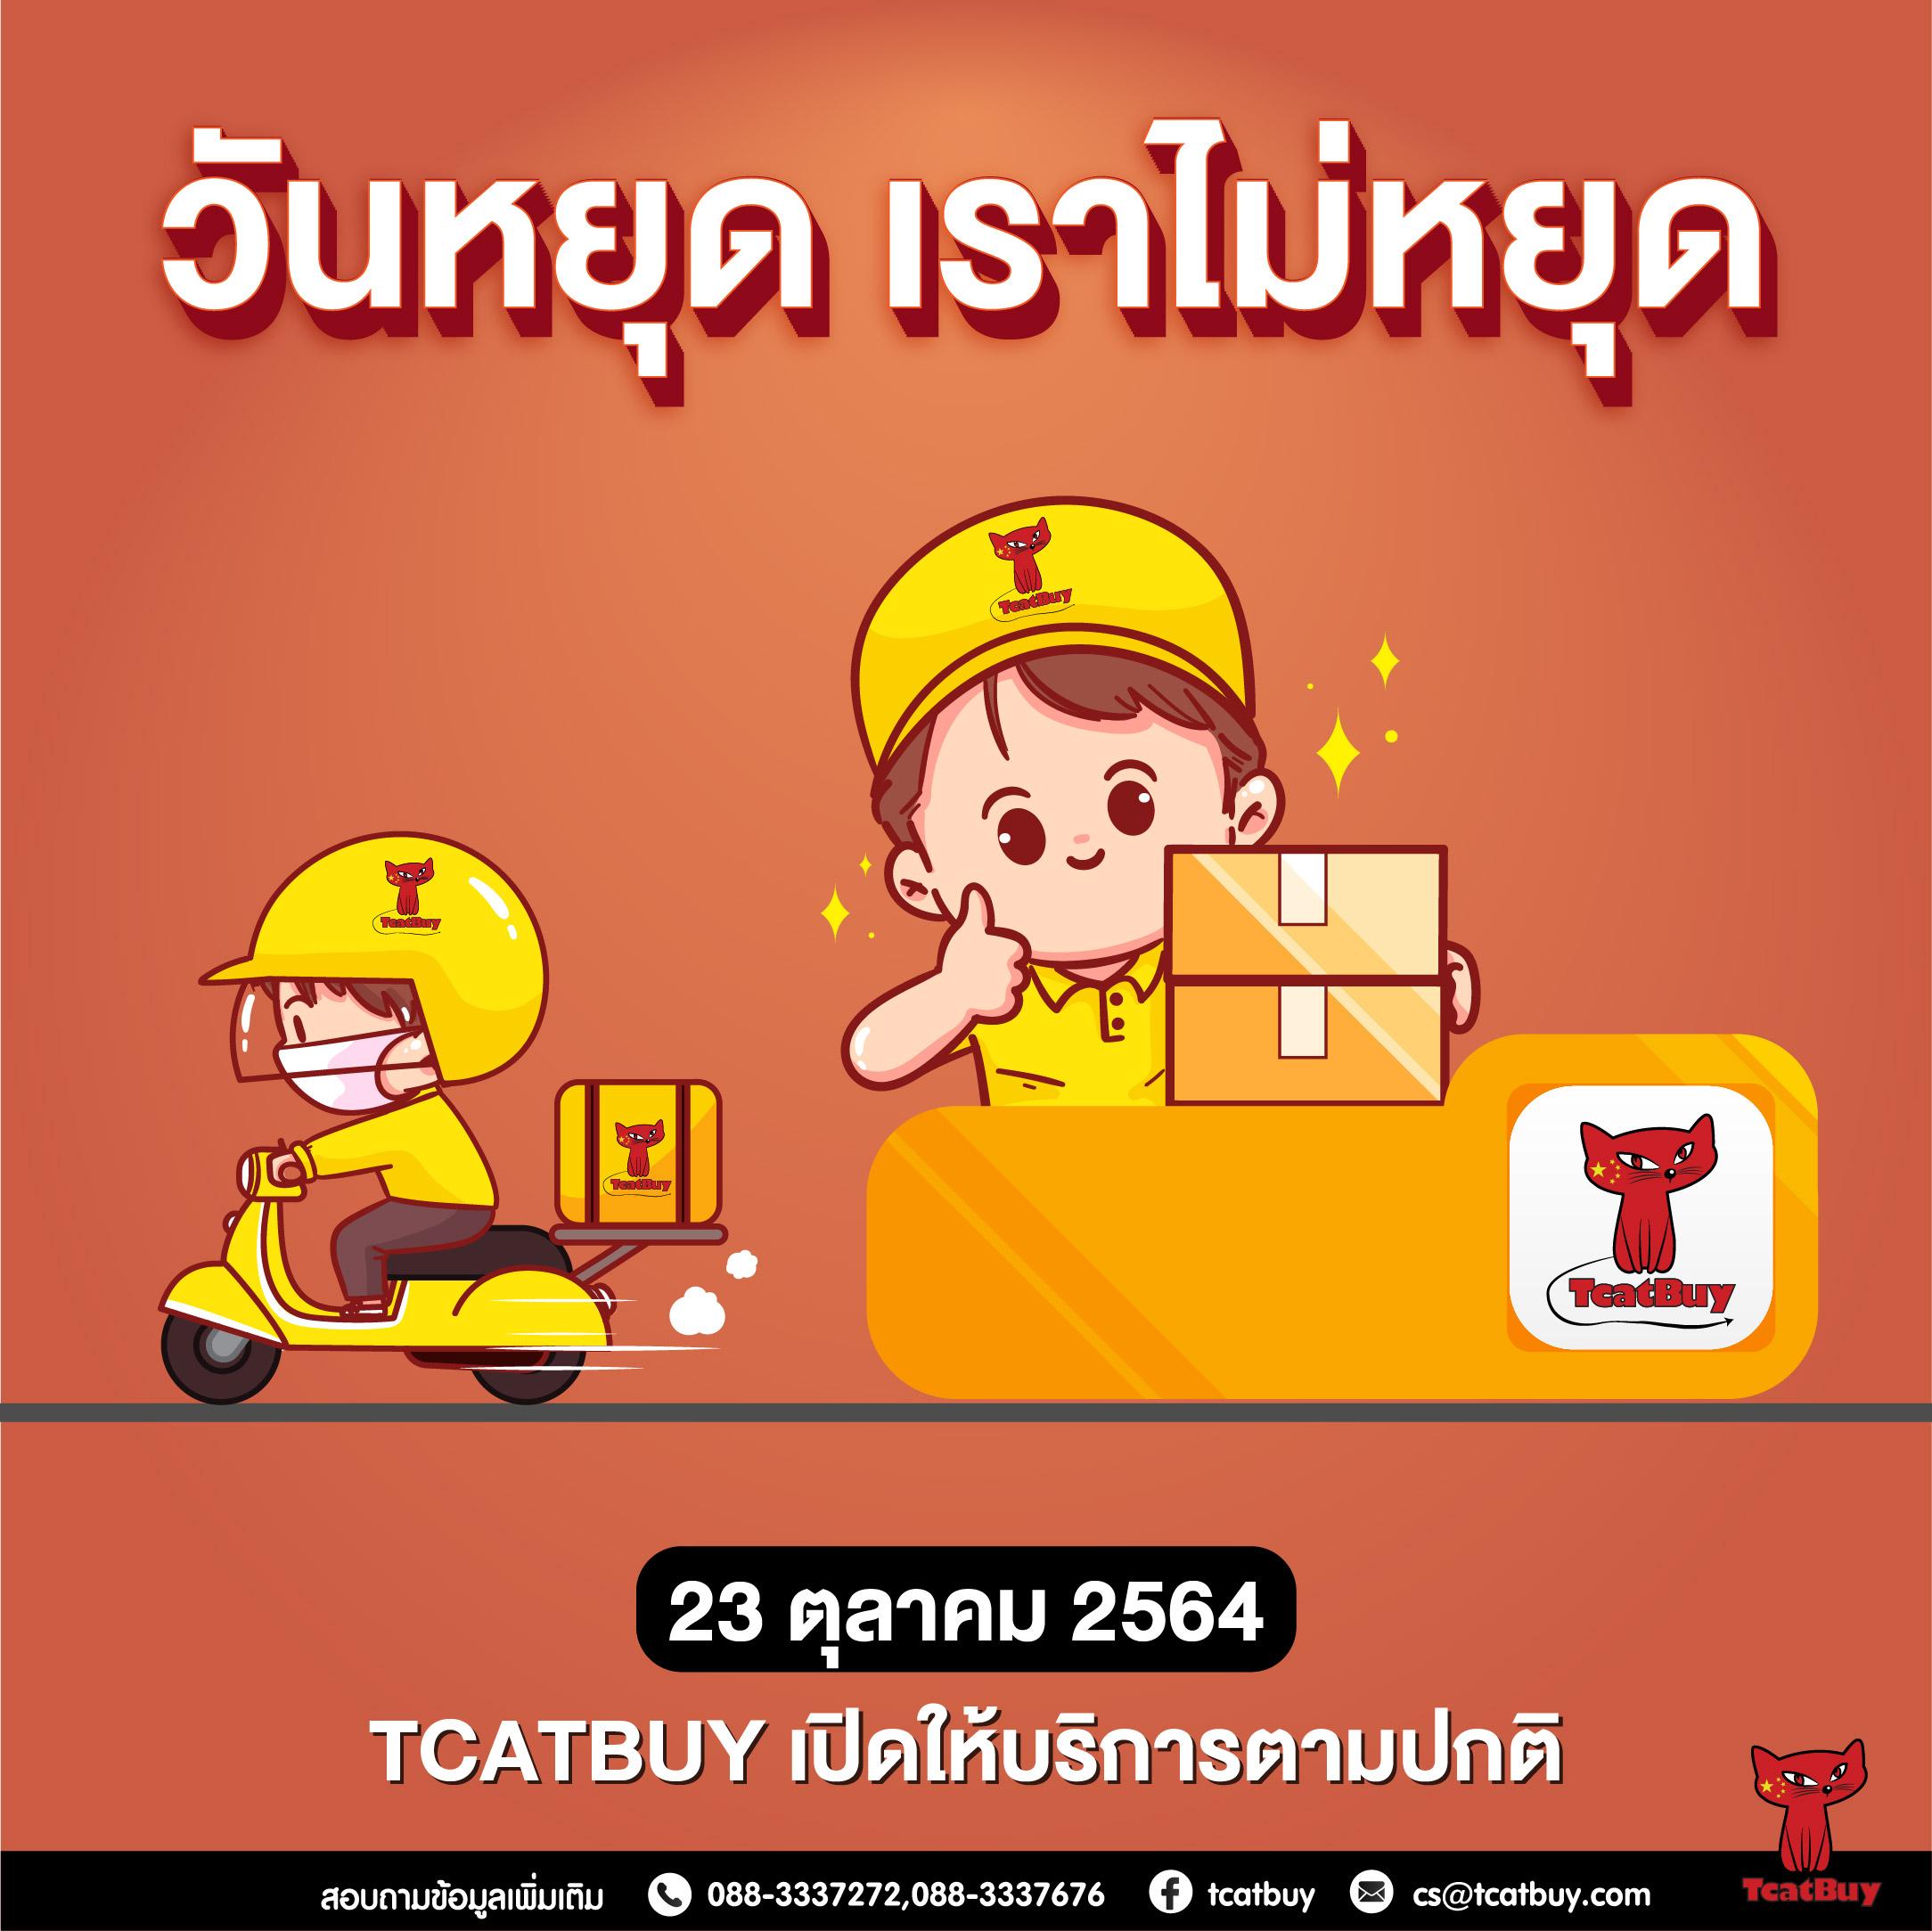 วันปิยมหาราชออฟฟิศและโกดังไทยเปิดบริการตามปกติ